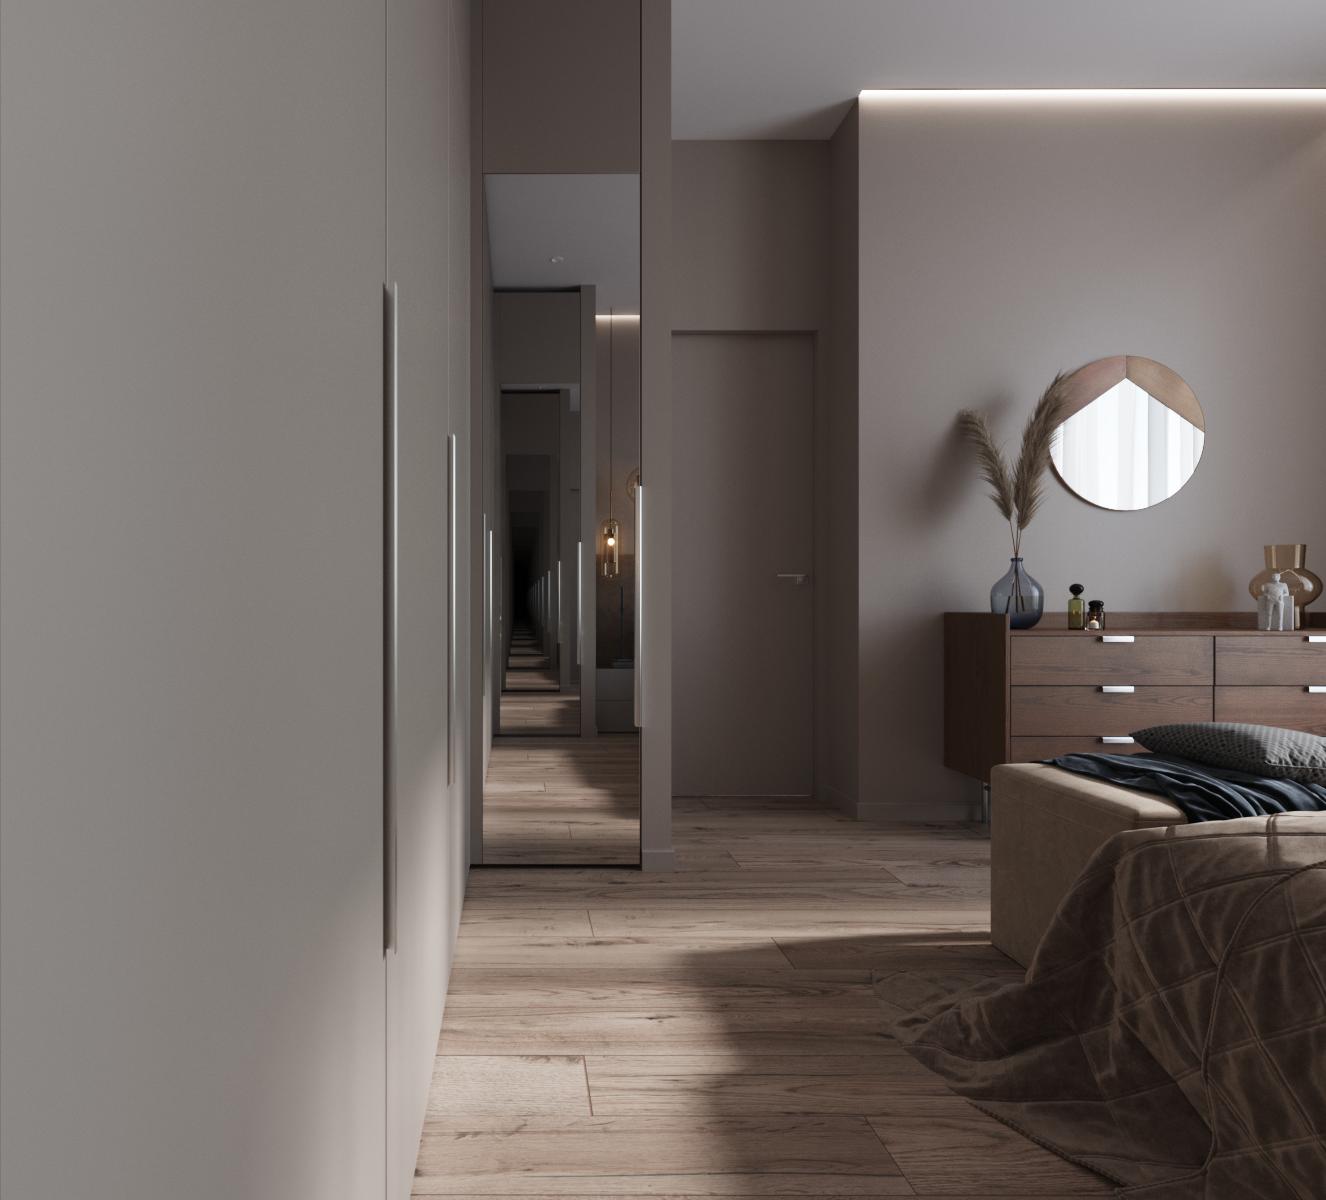 Две зеркальные дверцы шкафа расположены друг на против друга, создавая интересную игру пространством